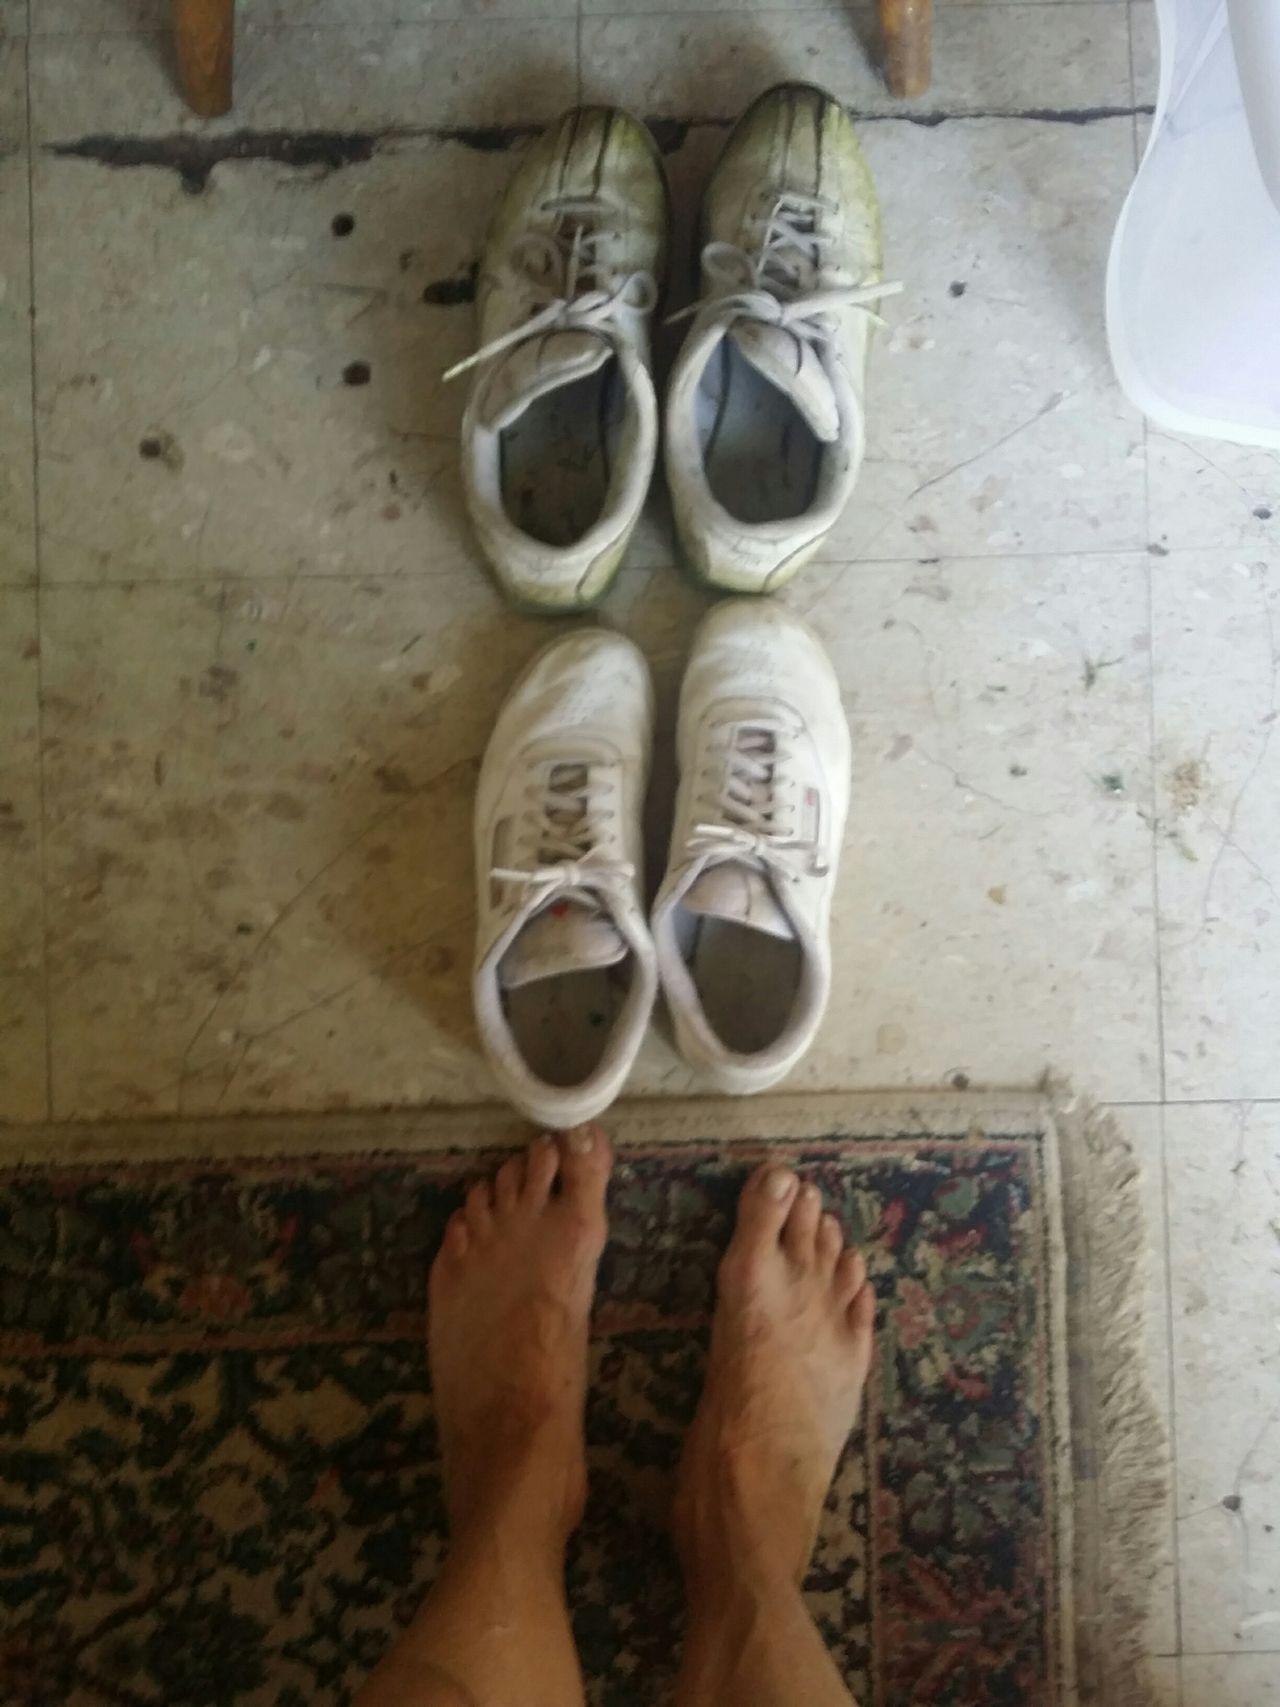 That's Me Enjoying Life Barefoot Striking Fashion